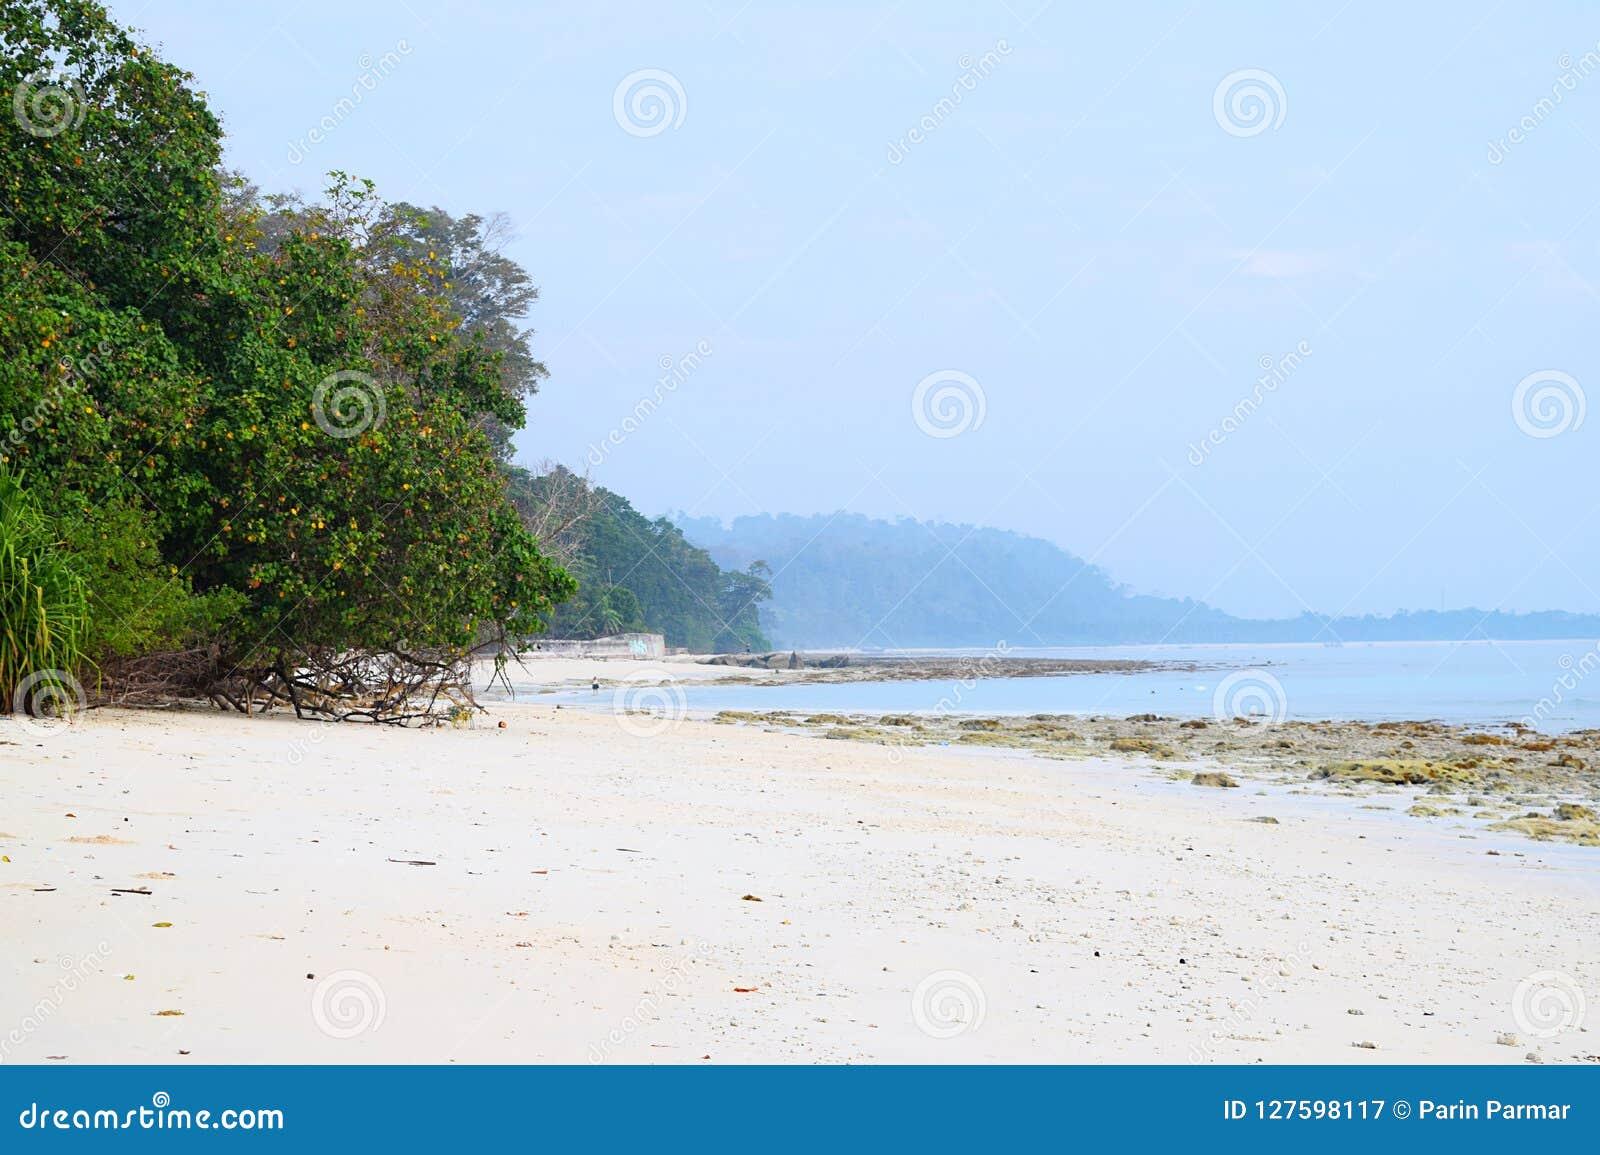 Sandy Beach blanco prístino y tranquilo con los árboles del mangle con Azure Sea Water y el cielo claro - Kalapathar, Havelock, A